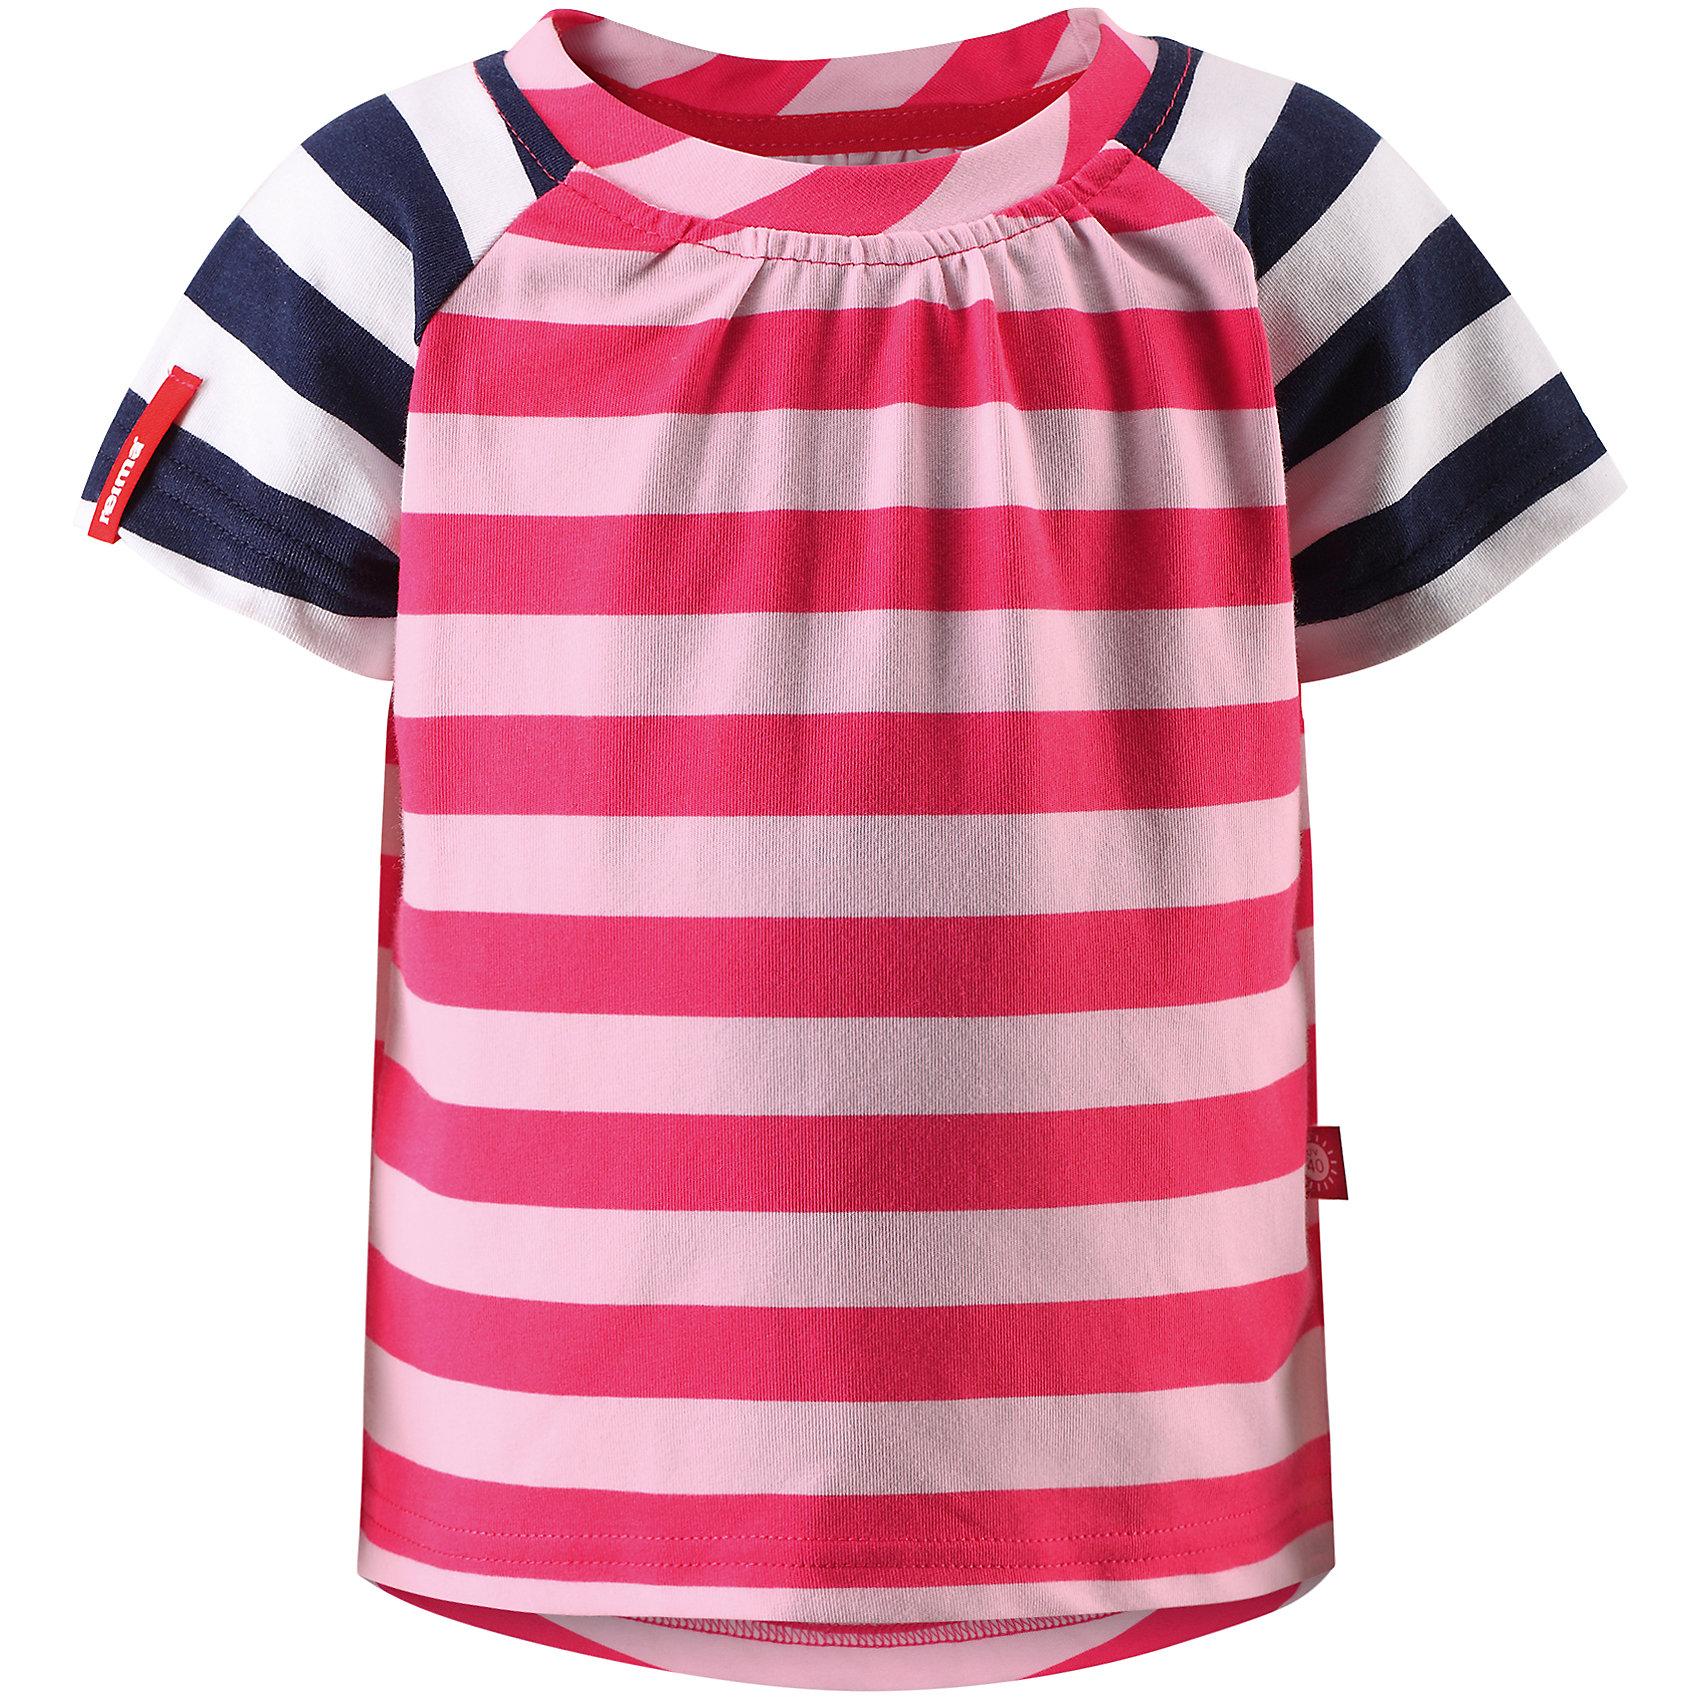 Футболка Sampi для девочки ReimaОдежда<br>Характеристики товара:<br><br>• цвет: розовый<br>• состав: 65% хлопок, 30% полиэстер, 5% эластан<br>• фактор защиты от ультрафиолета: 40+<br>• быстросохнущий, очень приятный на ощупь материал Play Jersey<br>• приятная на ощупь хлопковая поверхность<br>• влагоотводящая изнаночная сторона<br>• страна бренда: Финляндия<br>• страна производства: Китай<br><br>Одежда может быть модной и комфортной одновременно! Удобная симпатичная футболка поможет обеспечить ребенку комфорт - она не стесняет движения и удобно сидит. Модель стильно смотрится, отлично сочетается с различными головными уборами и обувью. Стильный дизайн разрабатывался специально для детей.<br><br>Уход:<br><br>• стирать и гладить, вывернув наизнанку<br>• стирать с бельем одинакового цвета<br>• стирать моющим средством, не содержащим отбеливающие вещества<br>• полоскать без специального средства<br>• придать первоначальную форму вo влажном виде.<br><br>Футболку для девочки от финского бренда Reima (Рейма) можно купить в нашем интернет-магазине.<br><br>Ширина мм: 199<br>Глубина мм: 10<br>Высота мм: 161<br>Вес г: 151<br>Цвет: розовый<br>Возраст от месяцев: 60<br>Возраст до месяцев: 72<br>Пол: Женский<br>Возраст: Детский<br>Размер: 116,128,122,104,98,80,86,92,110<br>SKU: 5271190